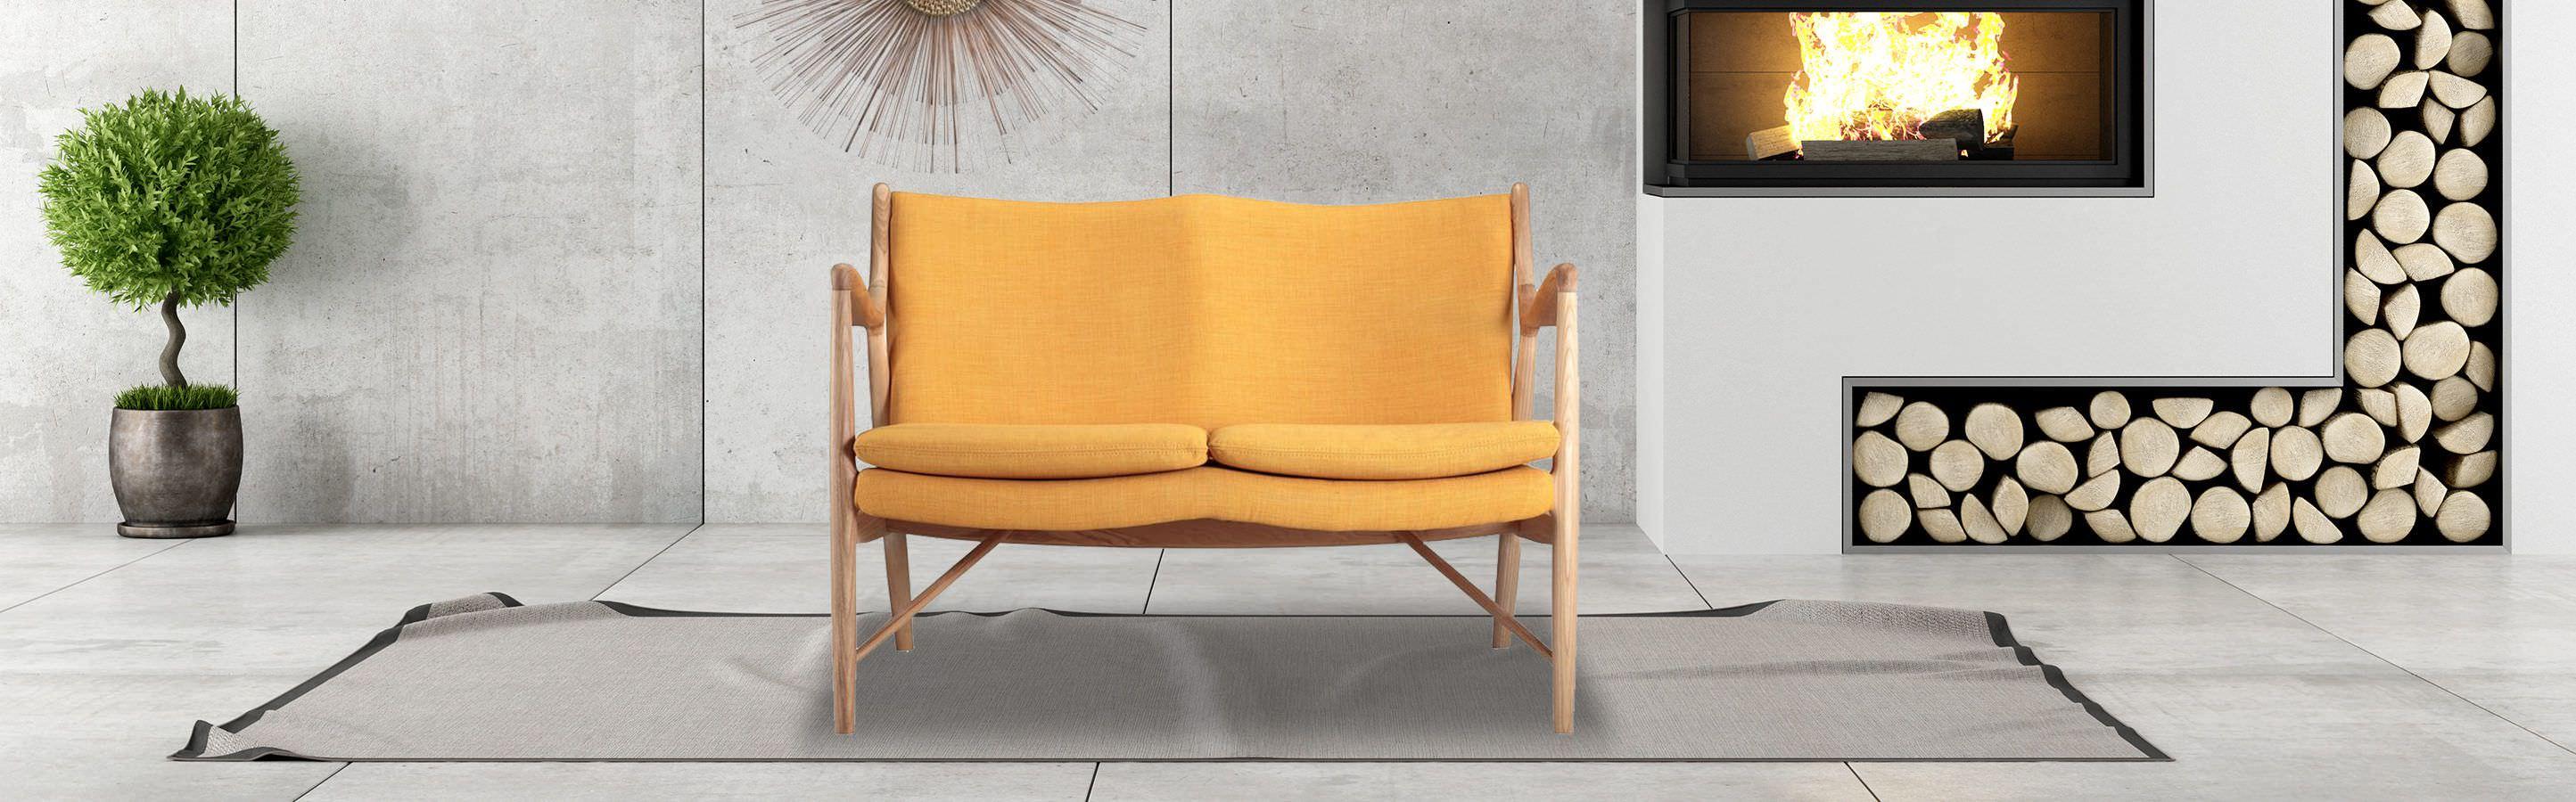 Copenhagen 45 Mid Century Modern Sofa